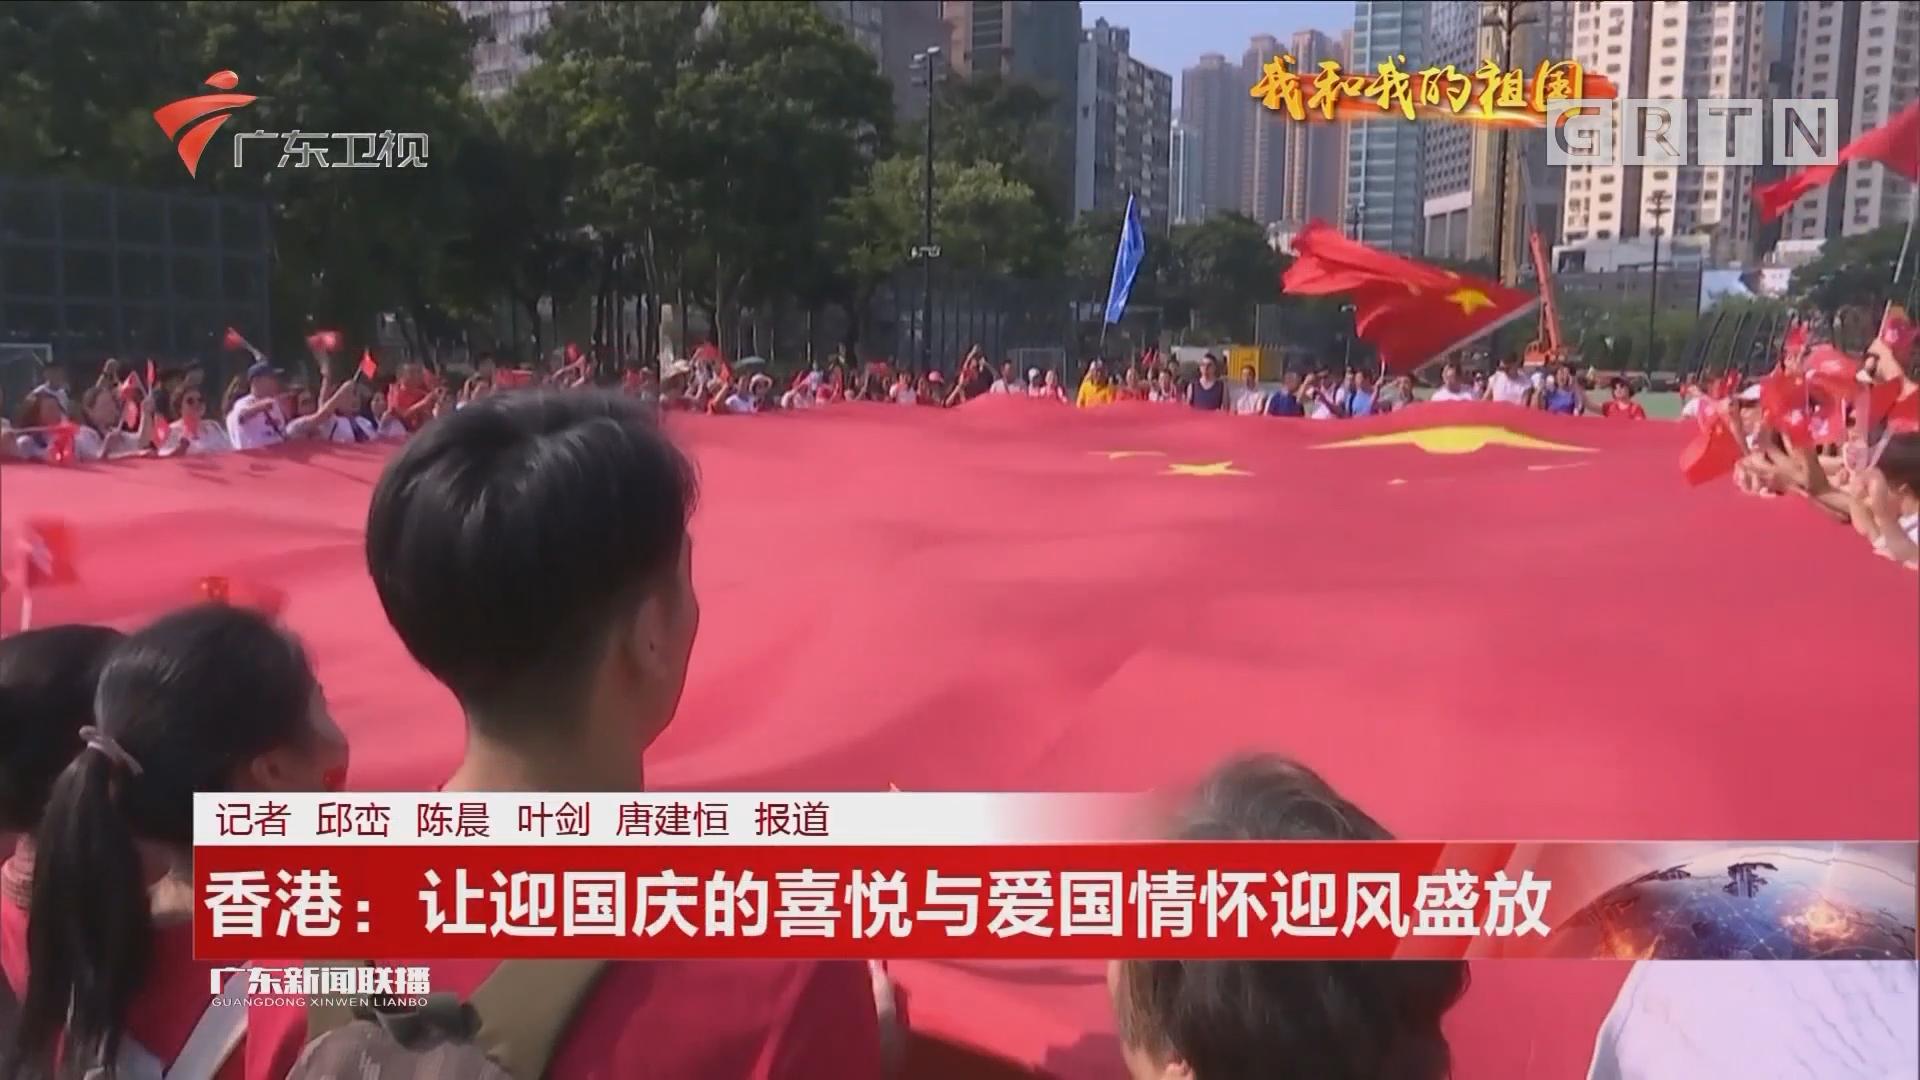 香港:让迎国庆的喜悦与爱国情怀迎风盛放